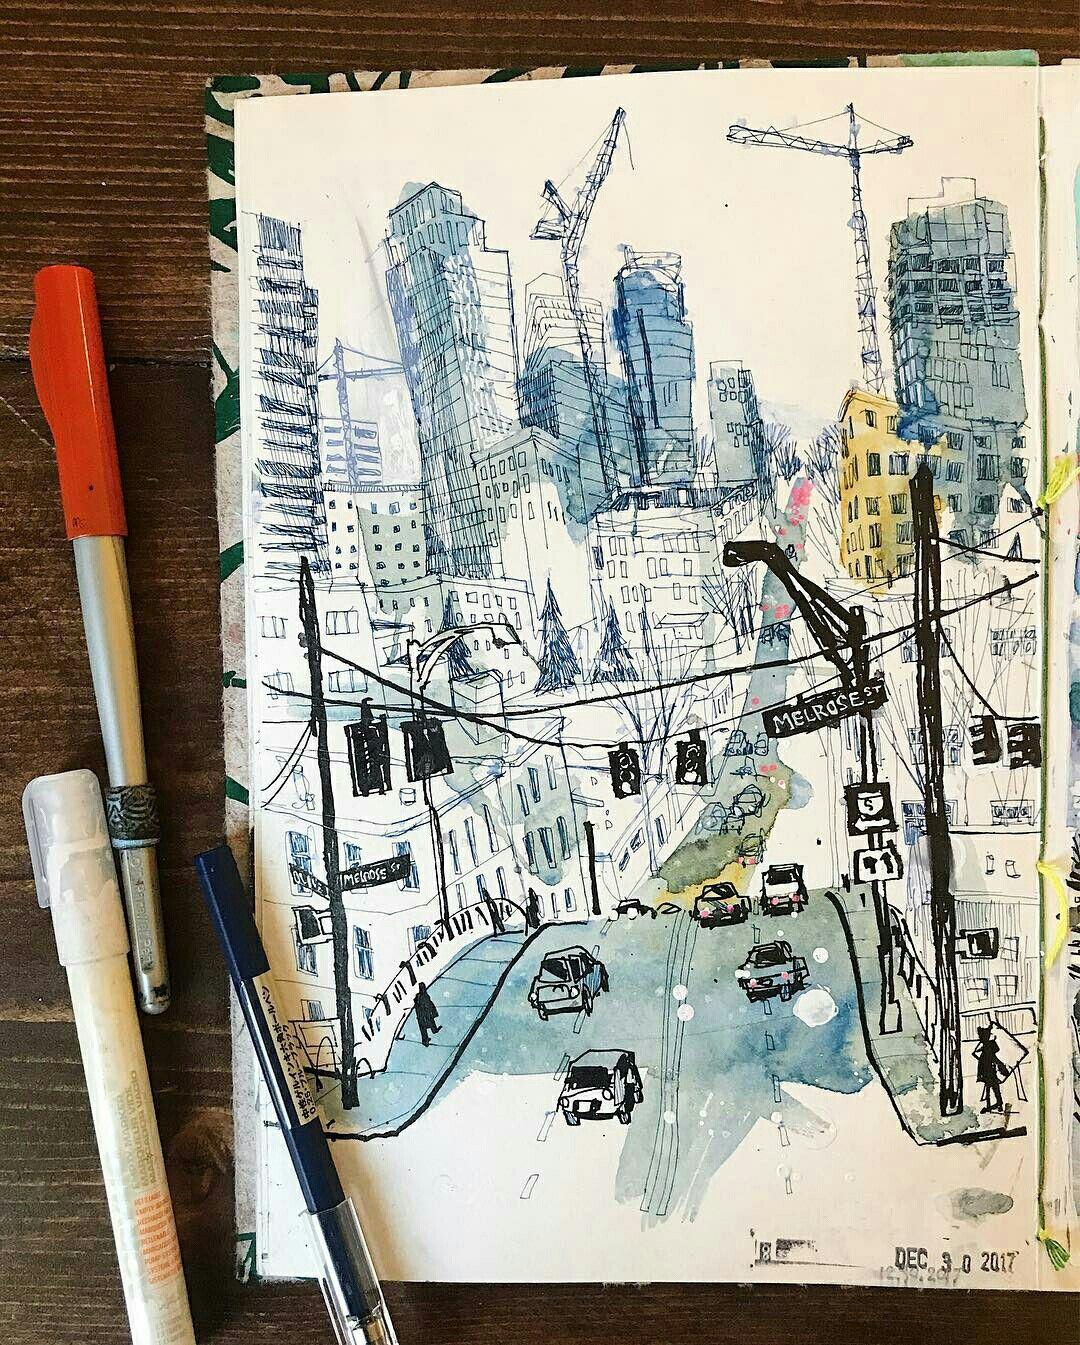 Pin de AnaRs_20 en A dibujos  Arte, Bocetos artísticos